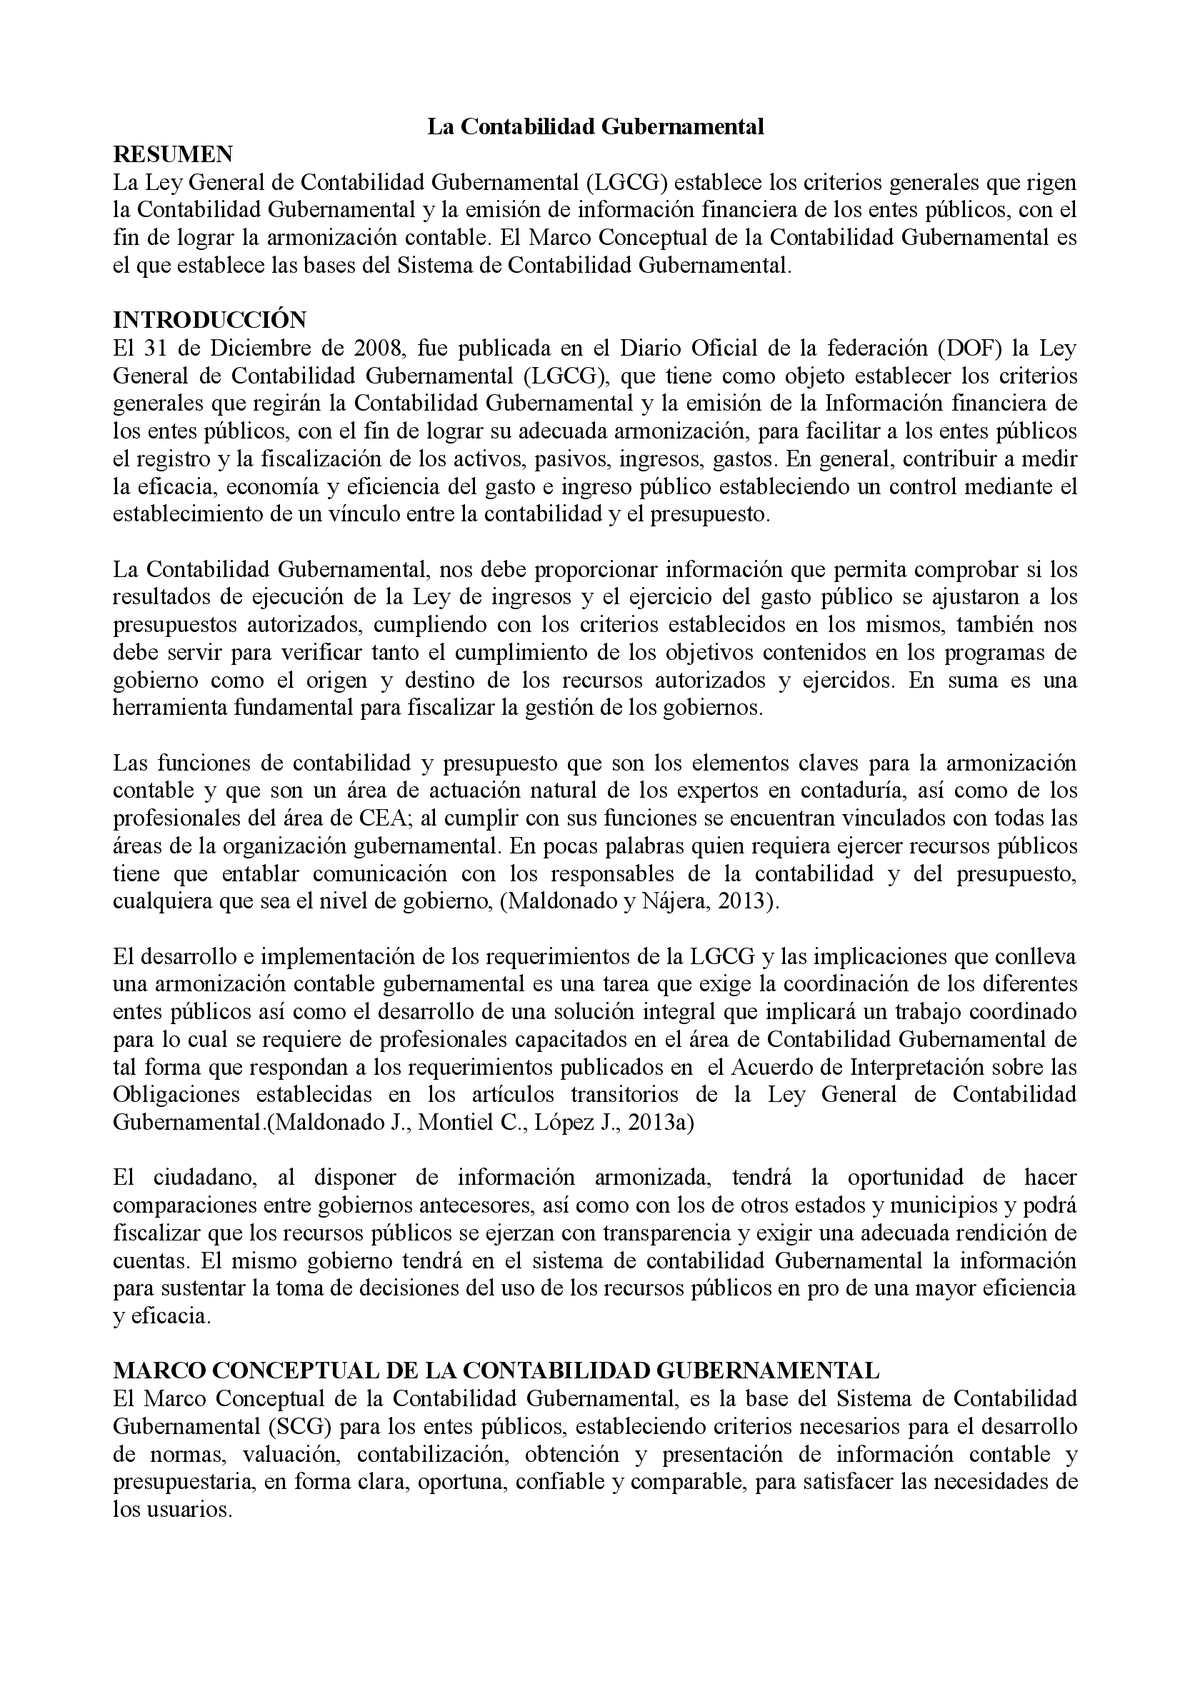 Calaméo - Marco Conceptual de la Contabilidad Gubernamental